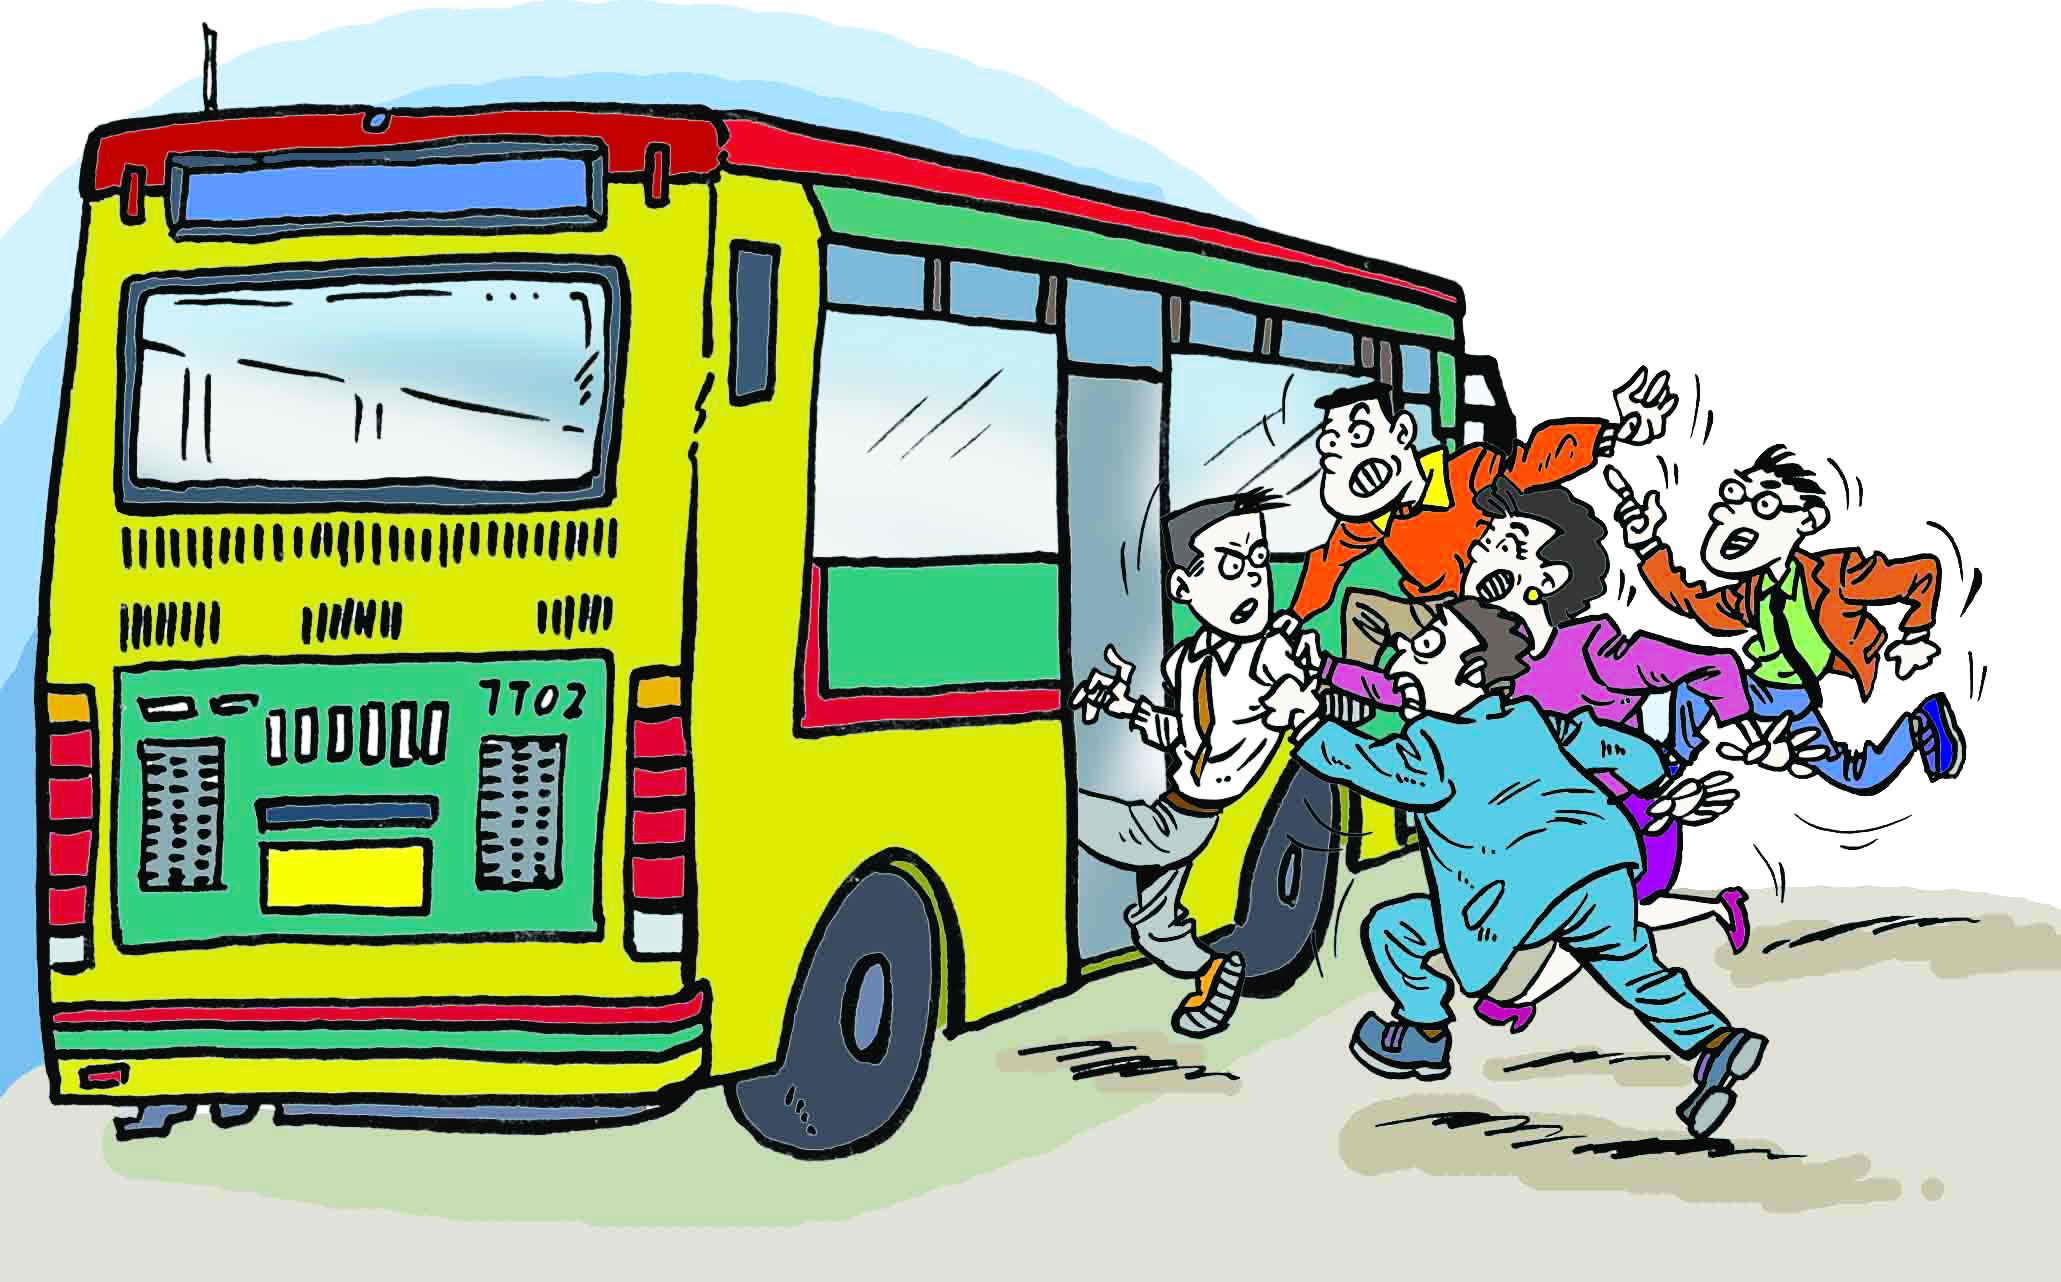 小小智慧树坐公共汽车-文明乘坐公交车漫画 文明乘坐公交车漫画 乘坐公交车漫画高清图片